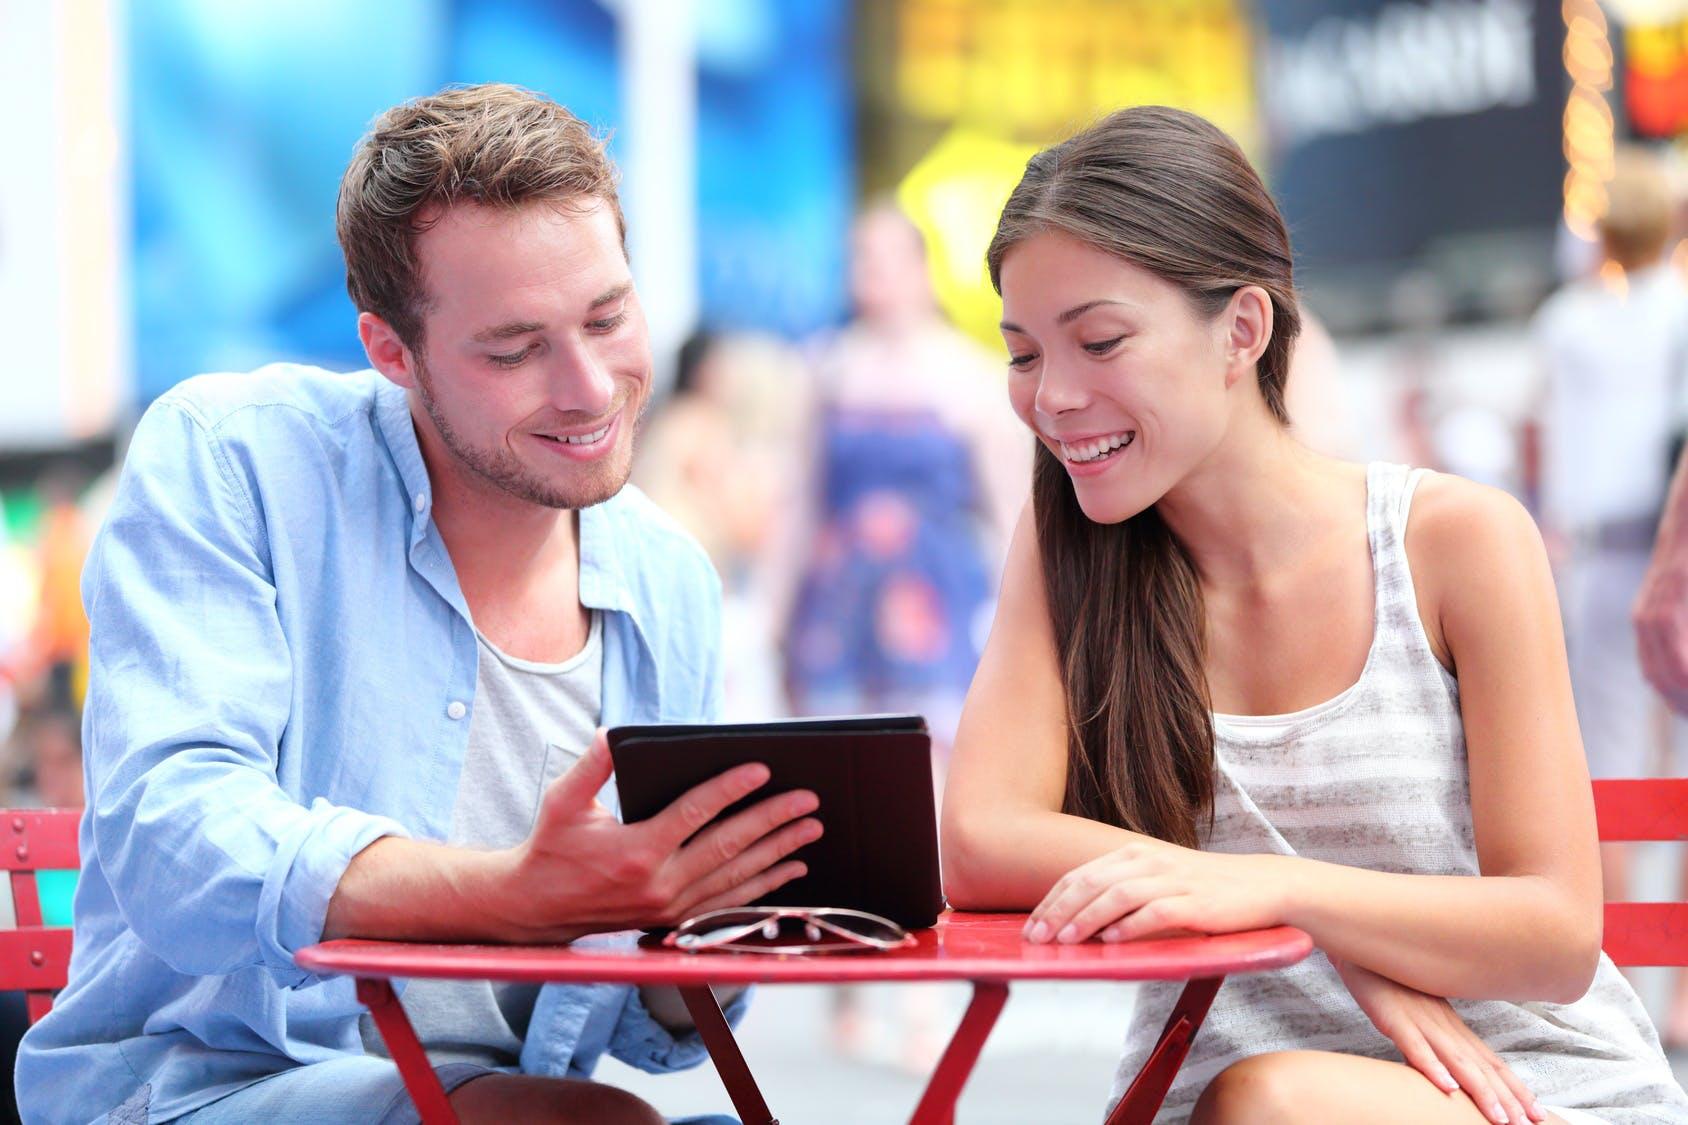 gode råd om dating på nettet